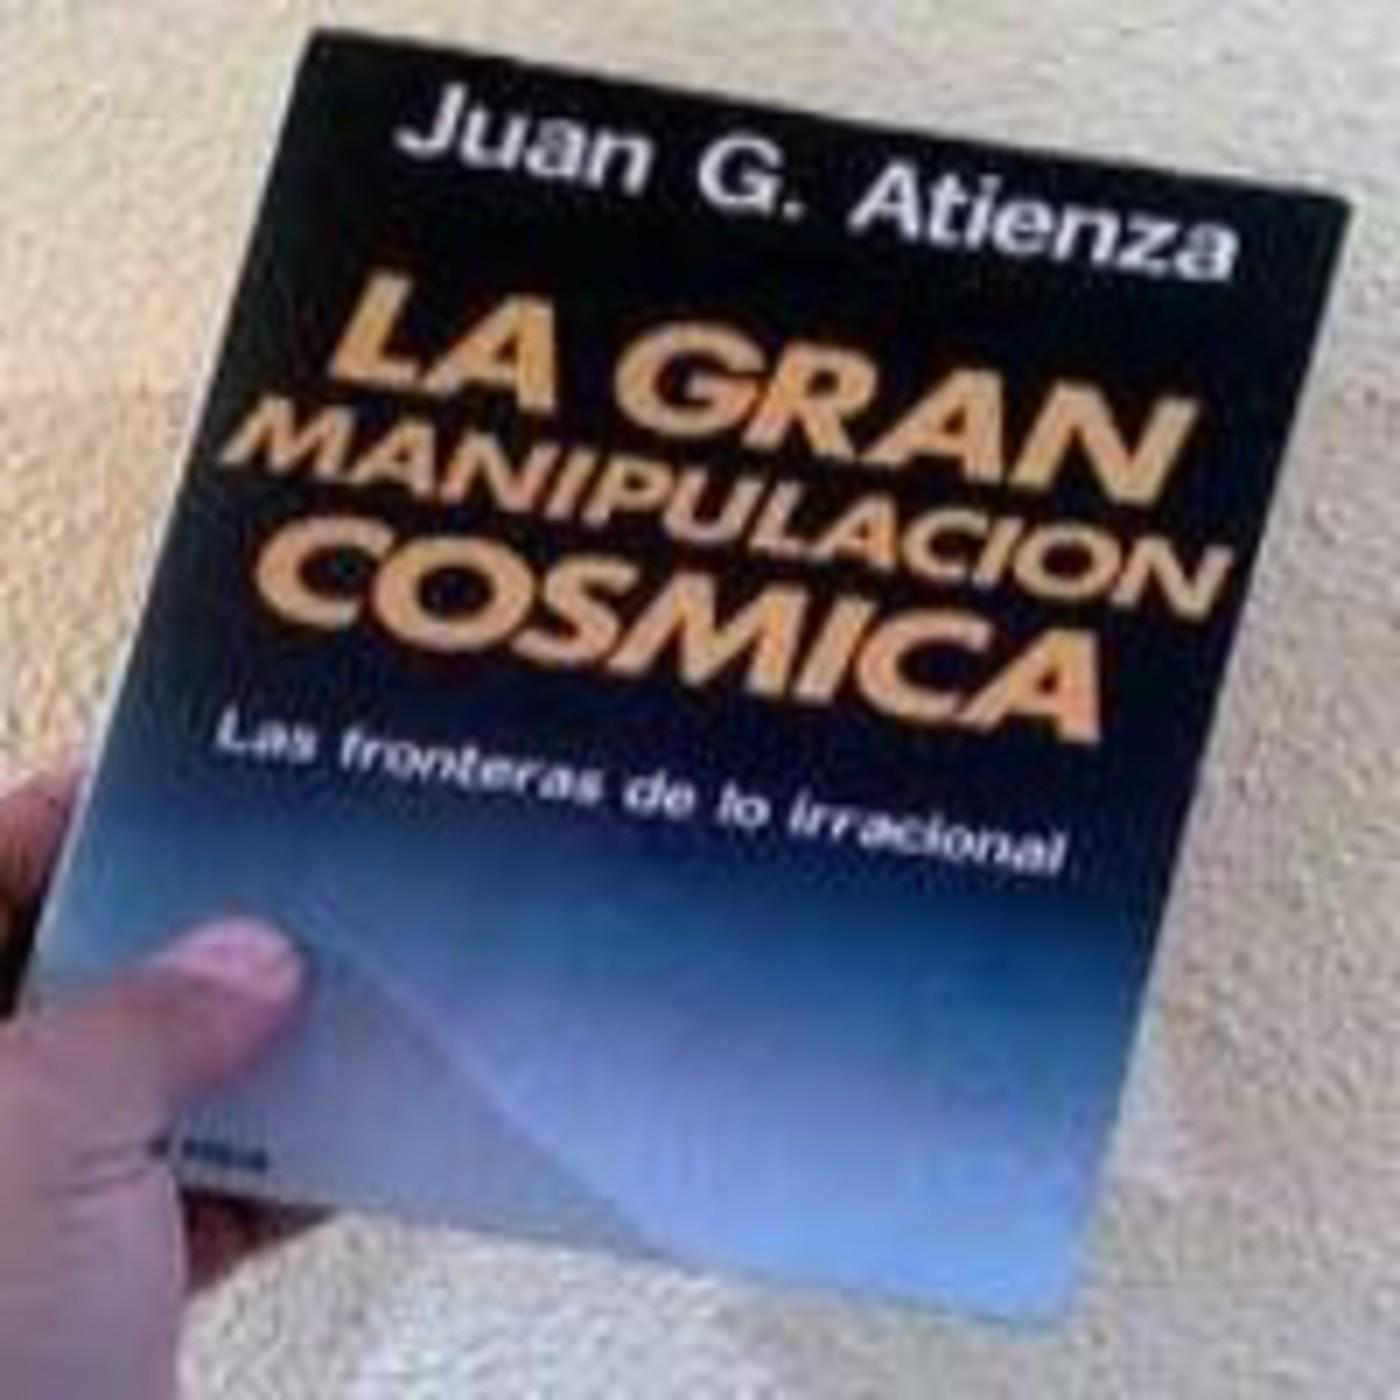 (Matrix) La Gran Manipulación Cósmica 8 - Juan García Atienza